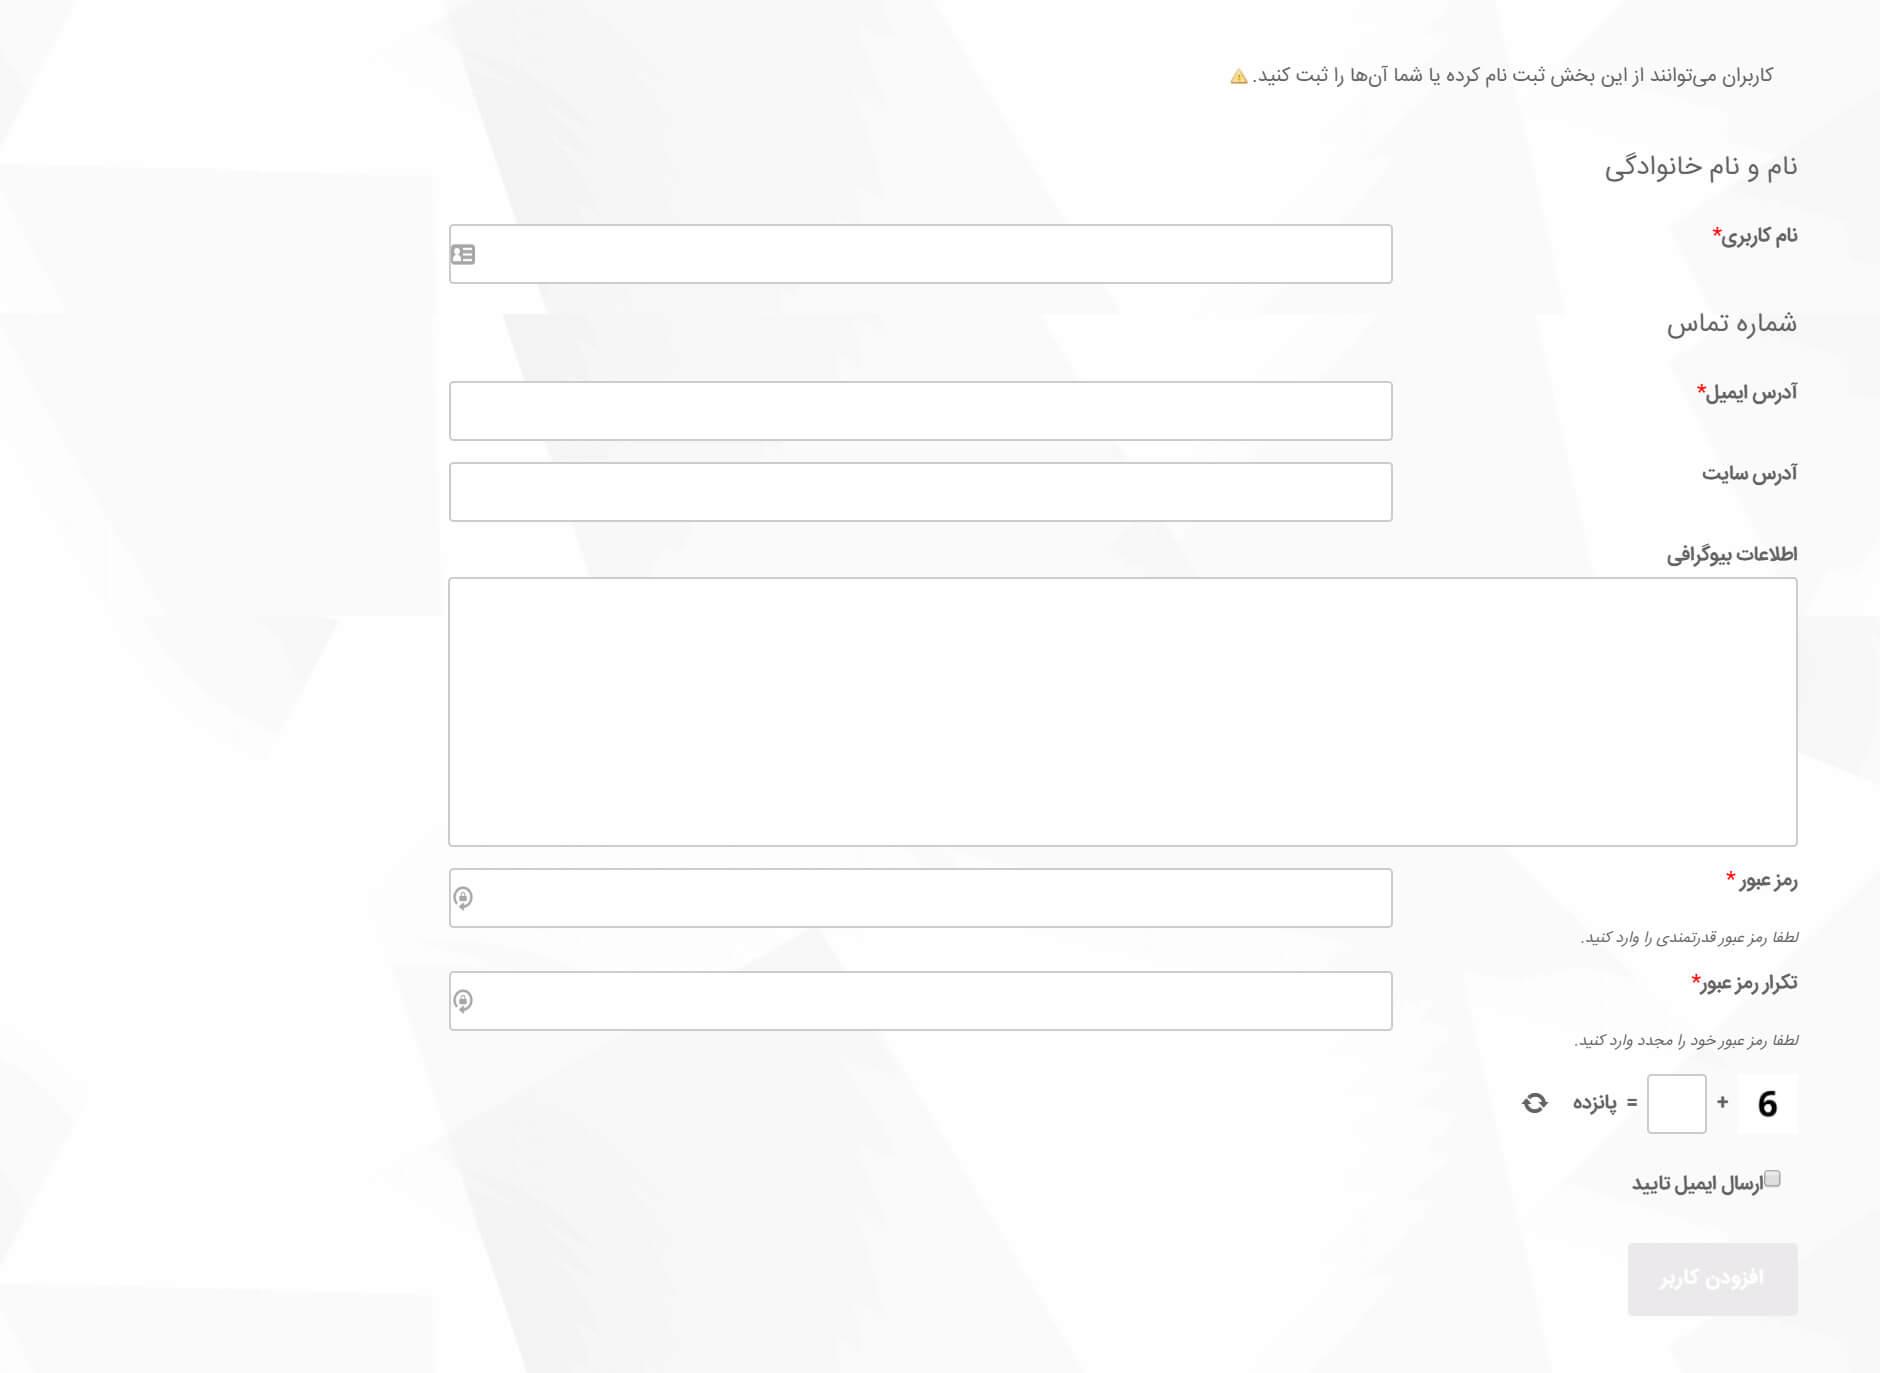 ایجاد پروفایل کاربری در وردپرس با افزونه Profile Builder